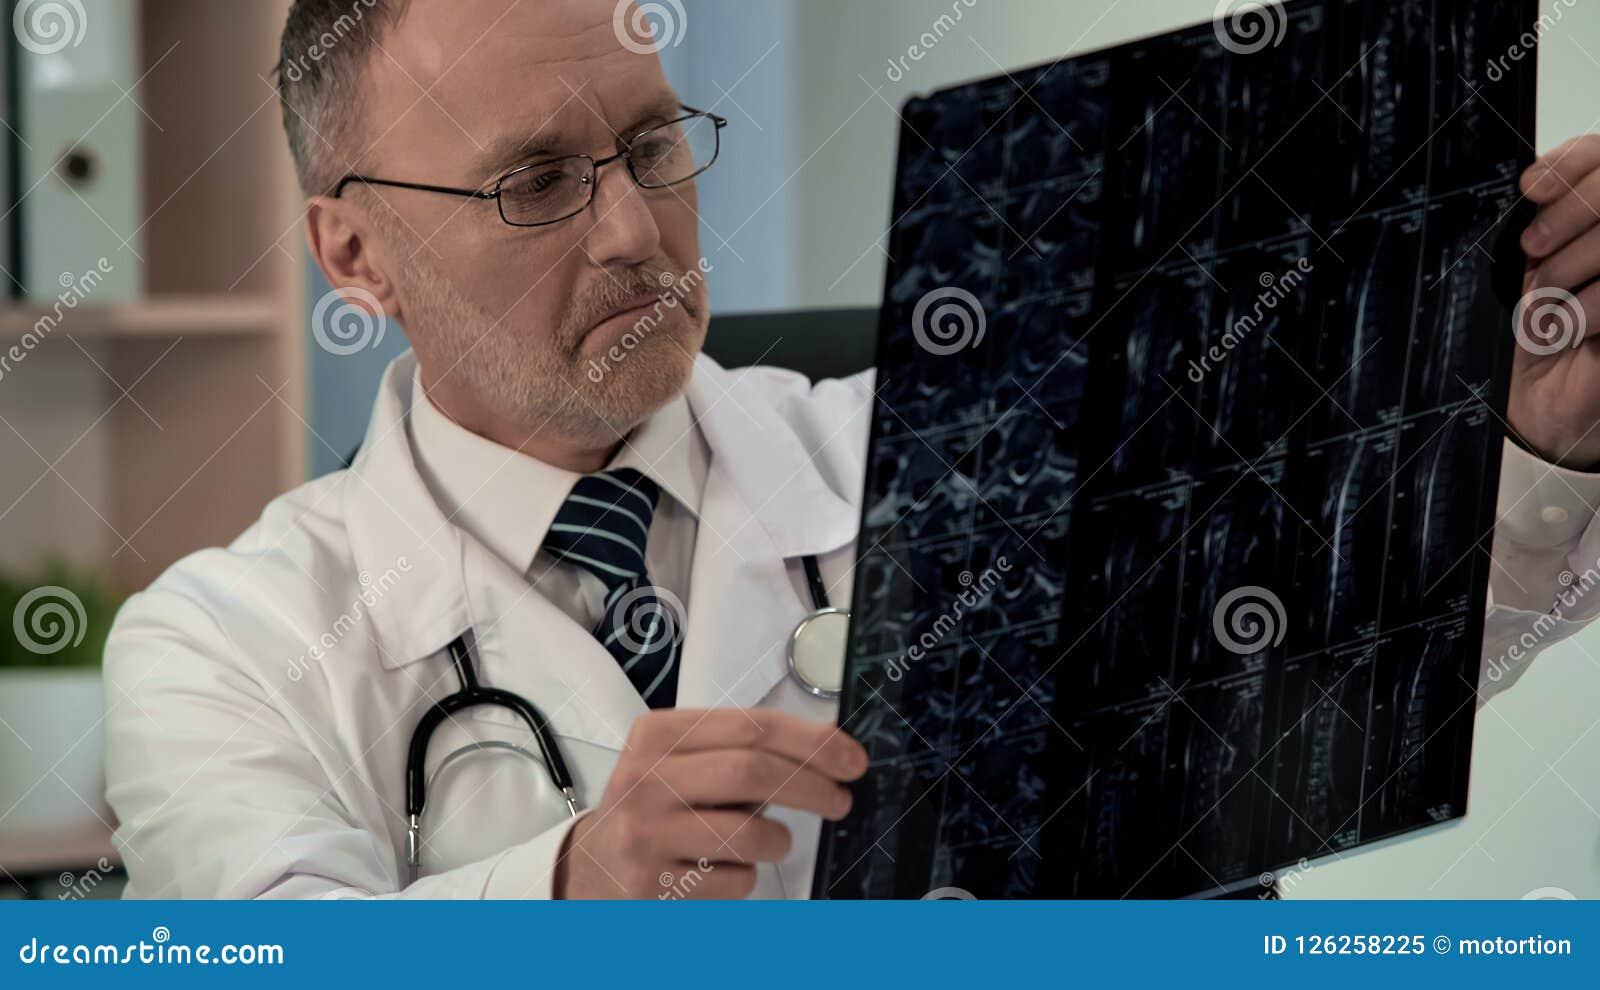 Ο γιατρός που μελετά το ανεπαρκές mri ασθενών, βρίσκει τη ζημία στον αυχενικό σπόνδυλο, διαγνωστικά